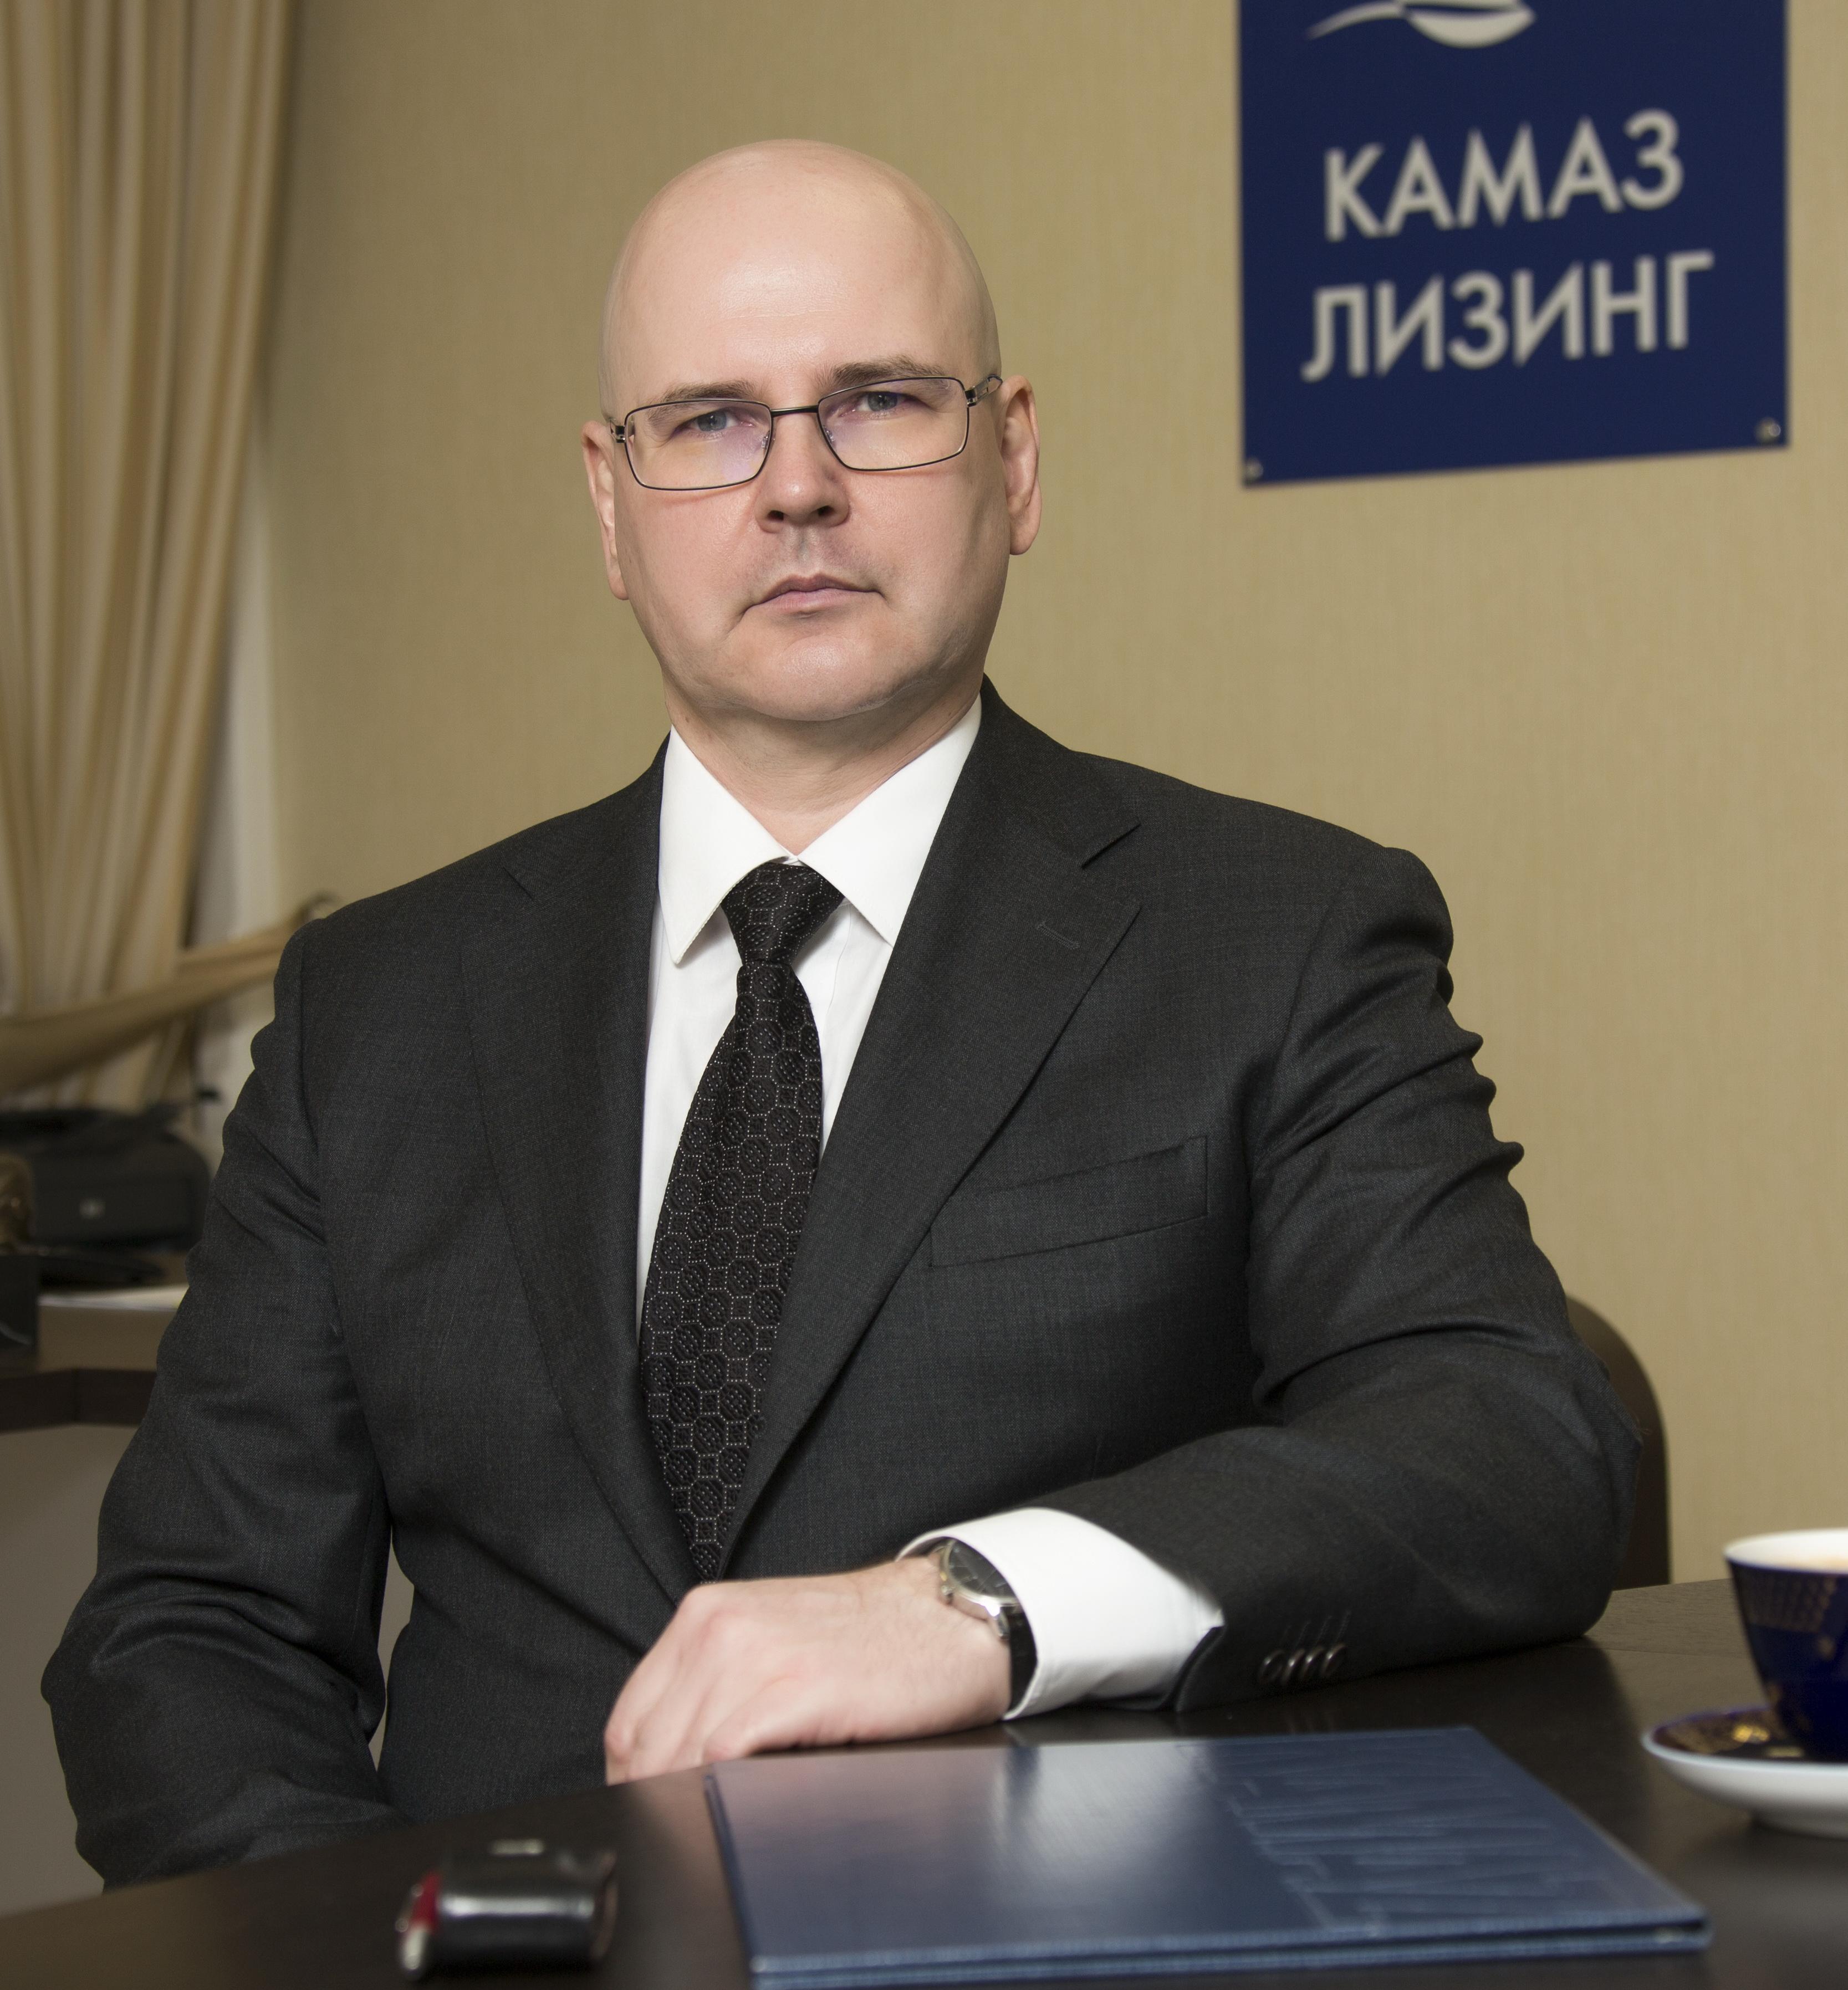 Подведены итоги Лизинговой компании «КАМАЗ» за 2018 год